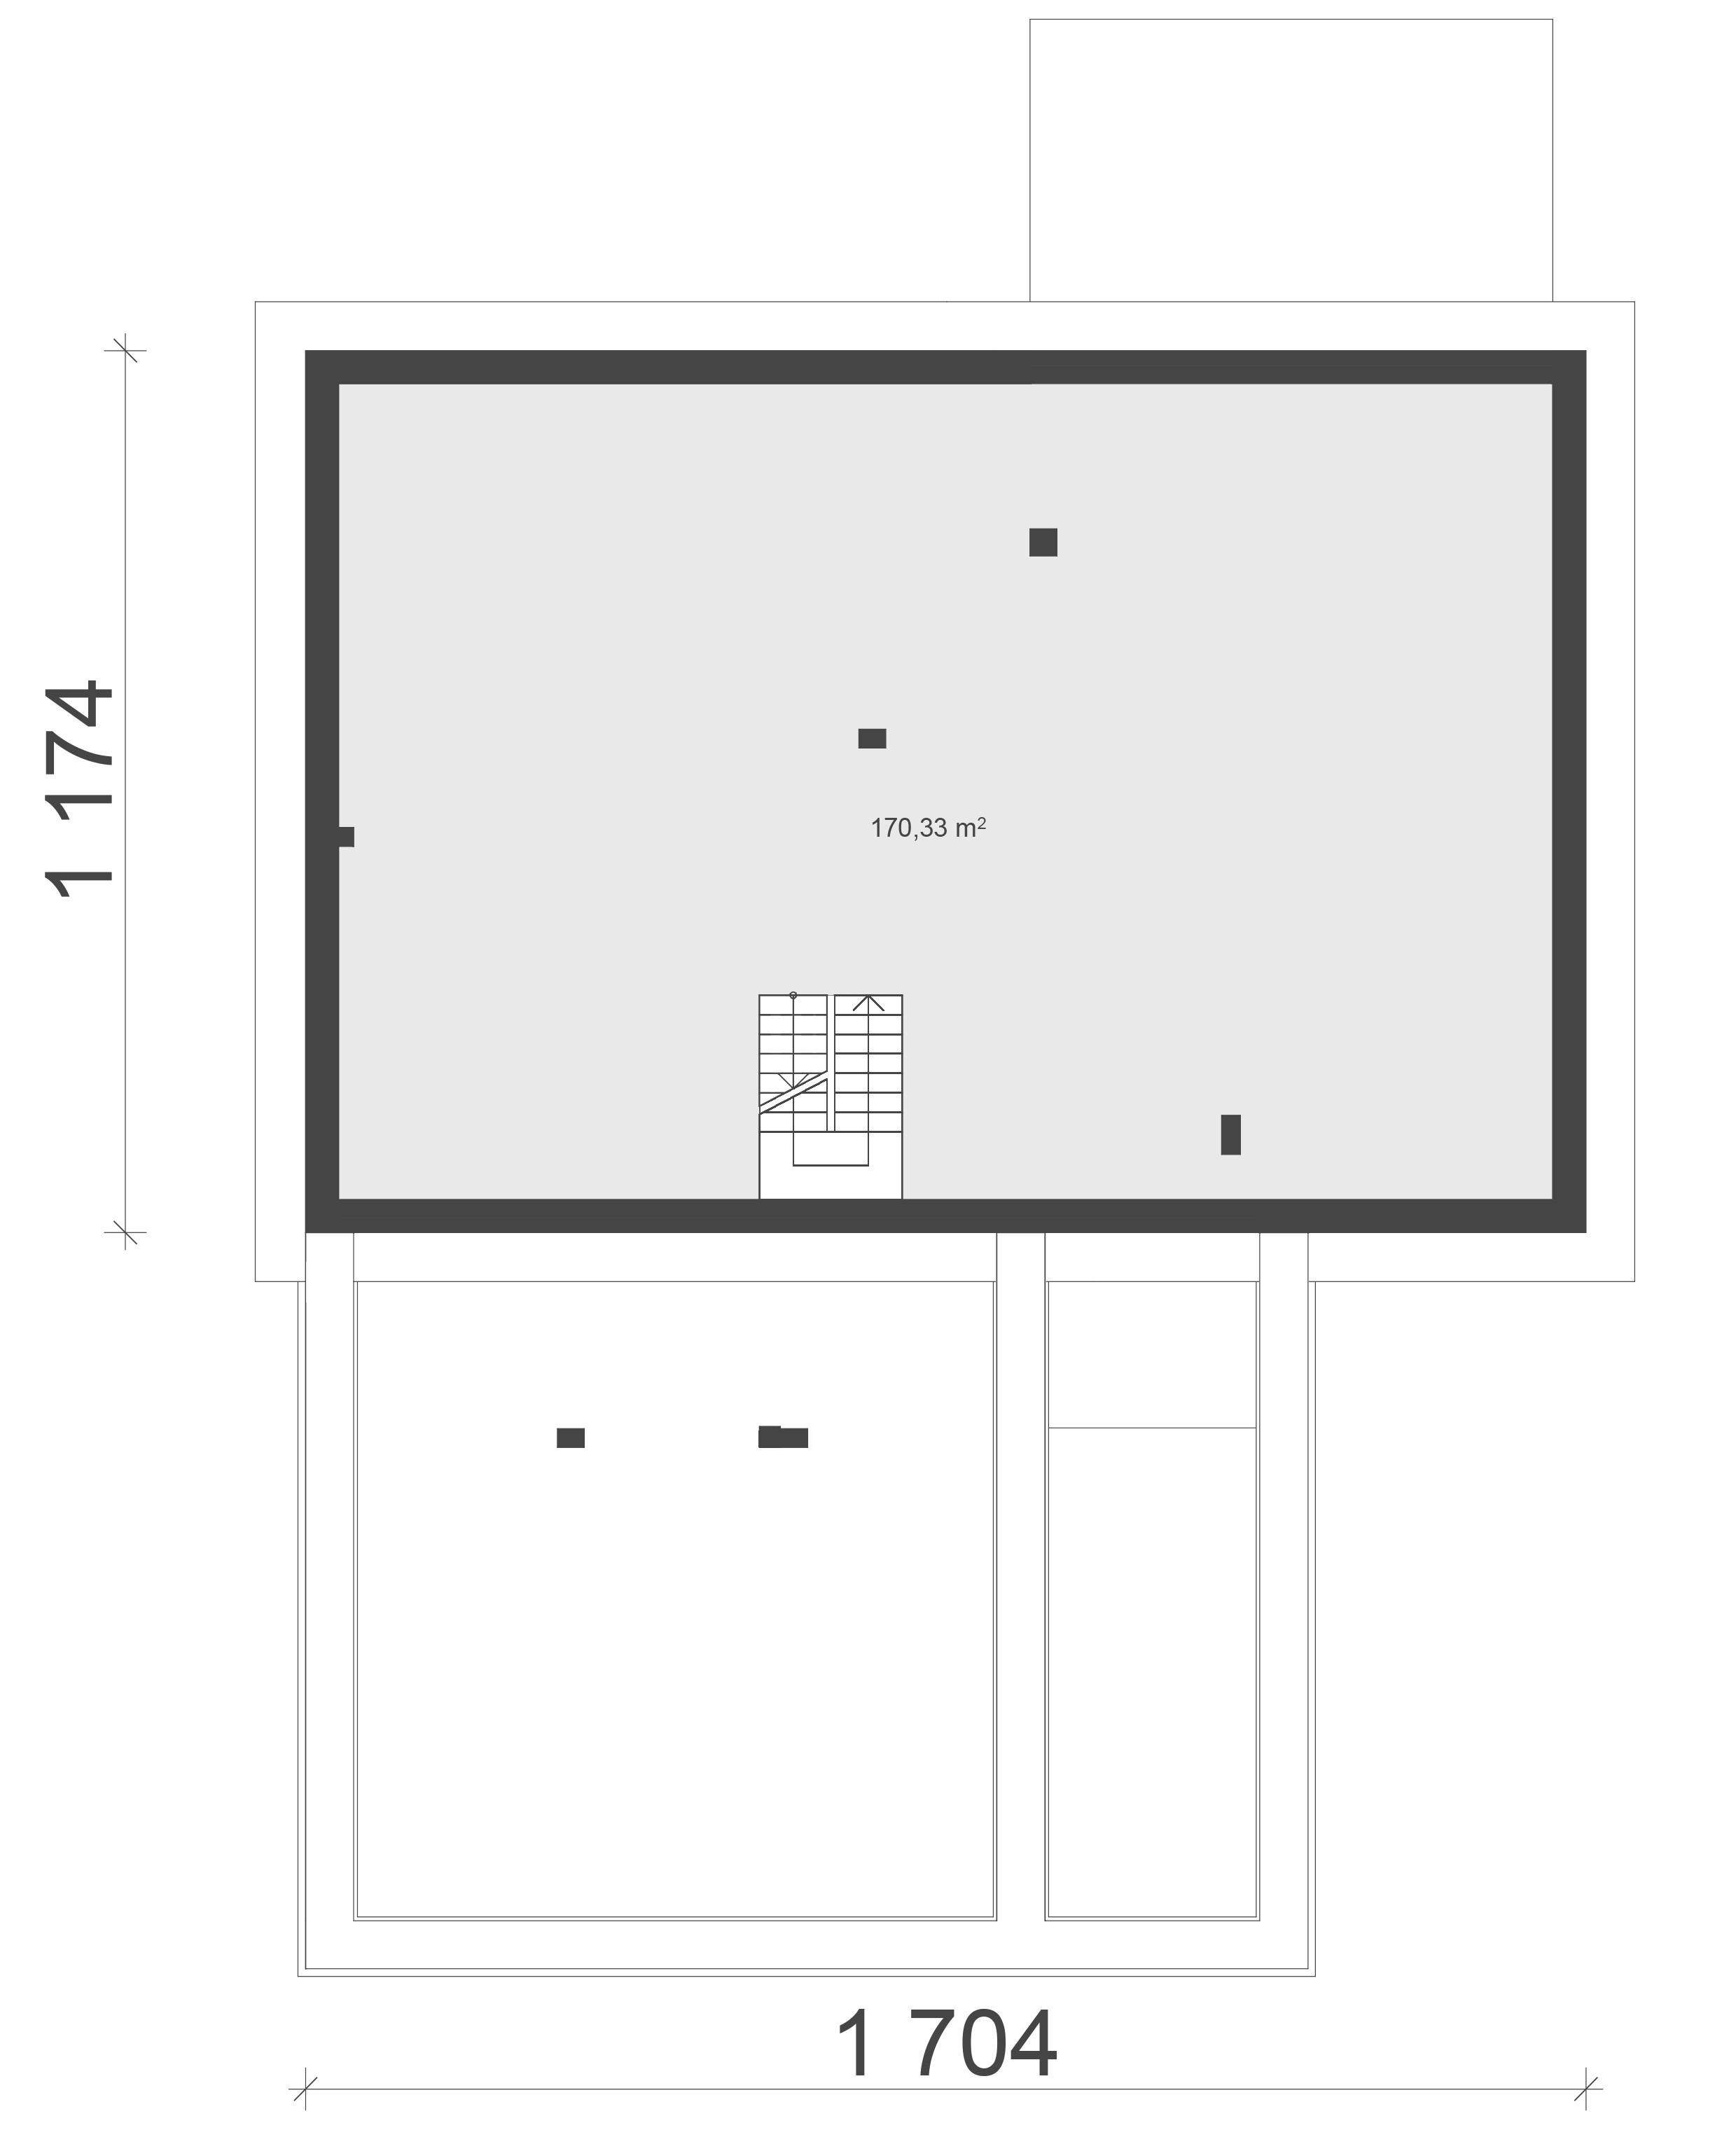 Планировка проекта 4-2813